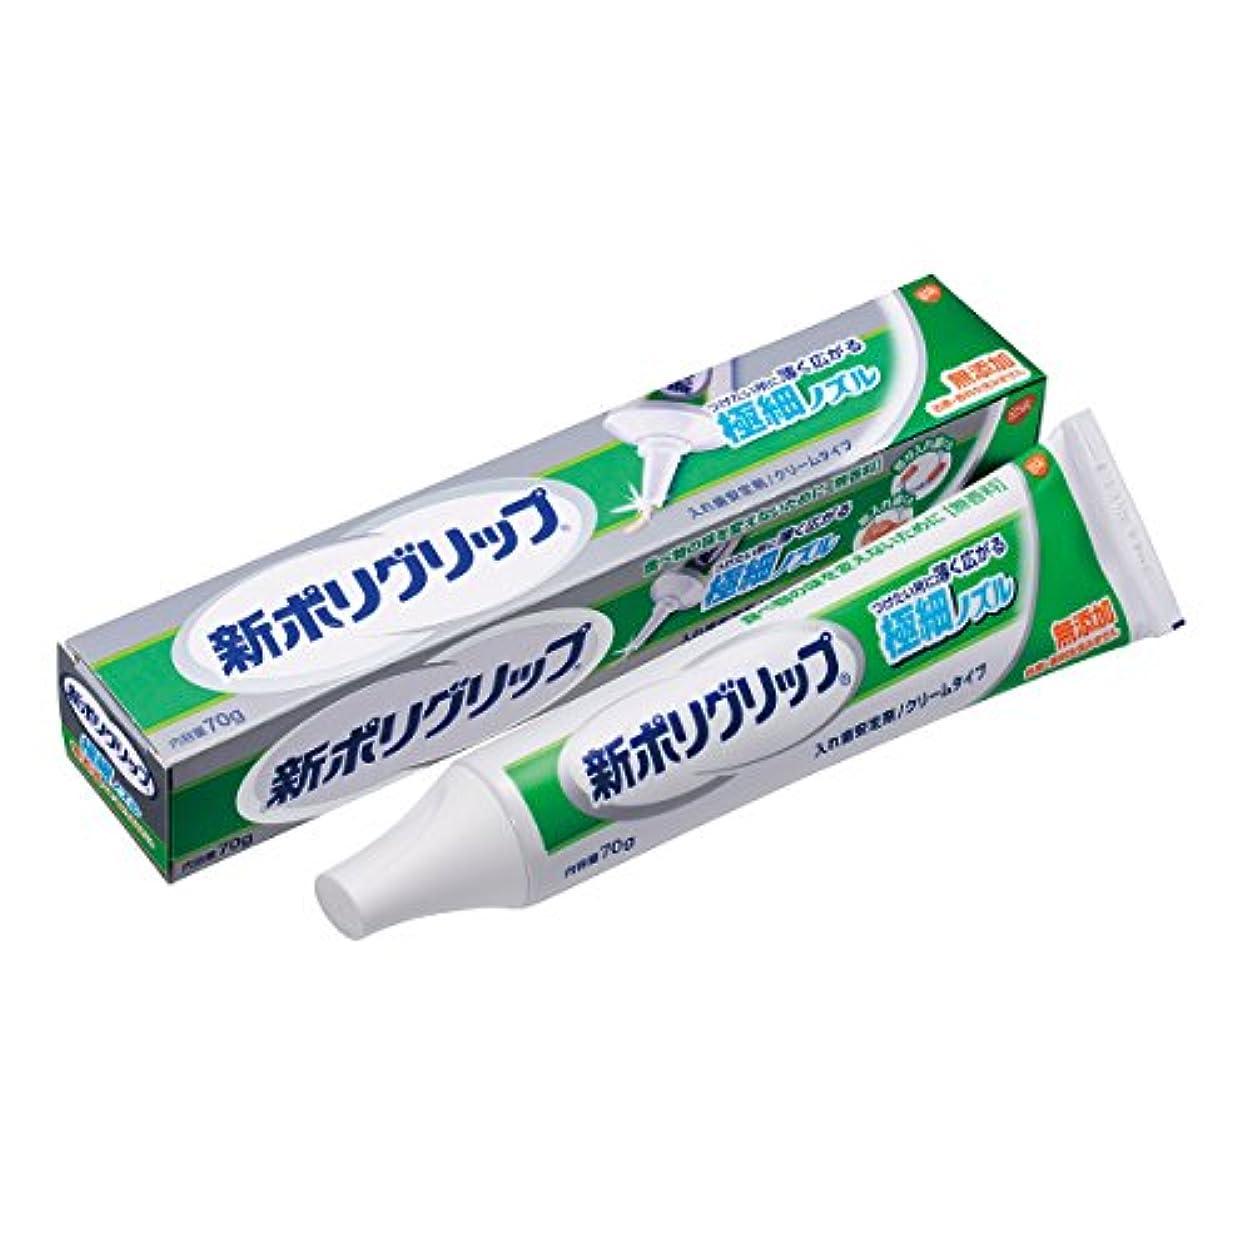 旅行者ブーム熱帯の部分?総入れ歯安定剤 新ポリグリップ極細ノズル 無添加 70g